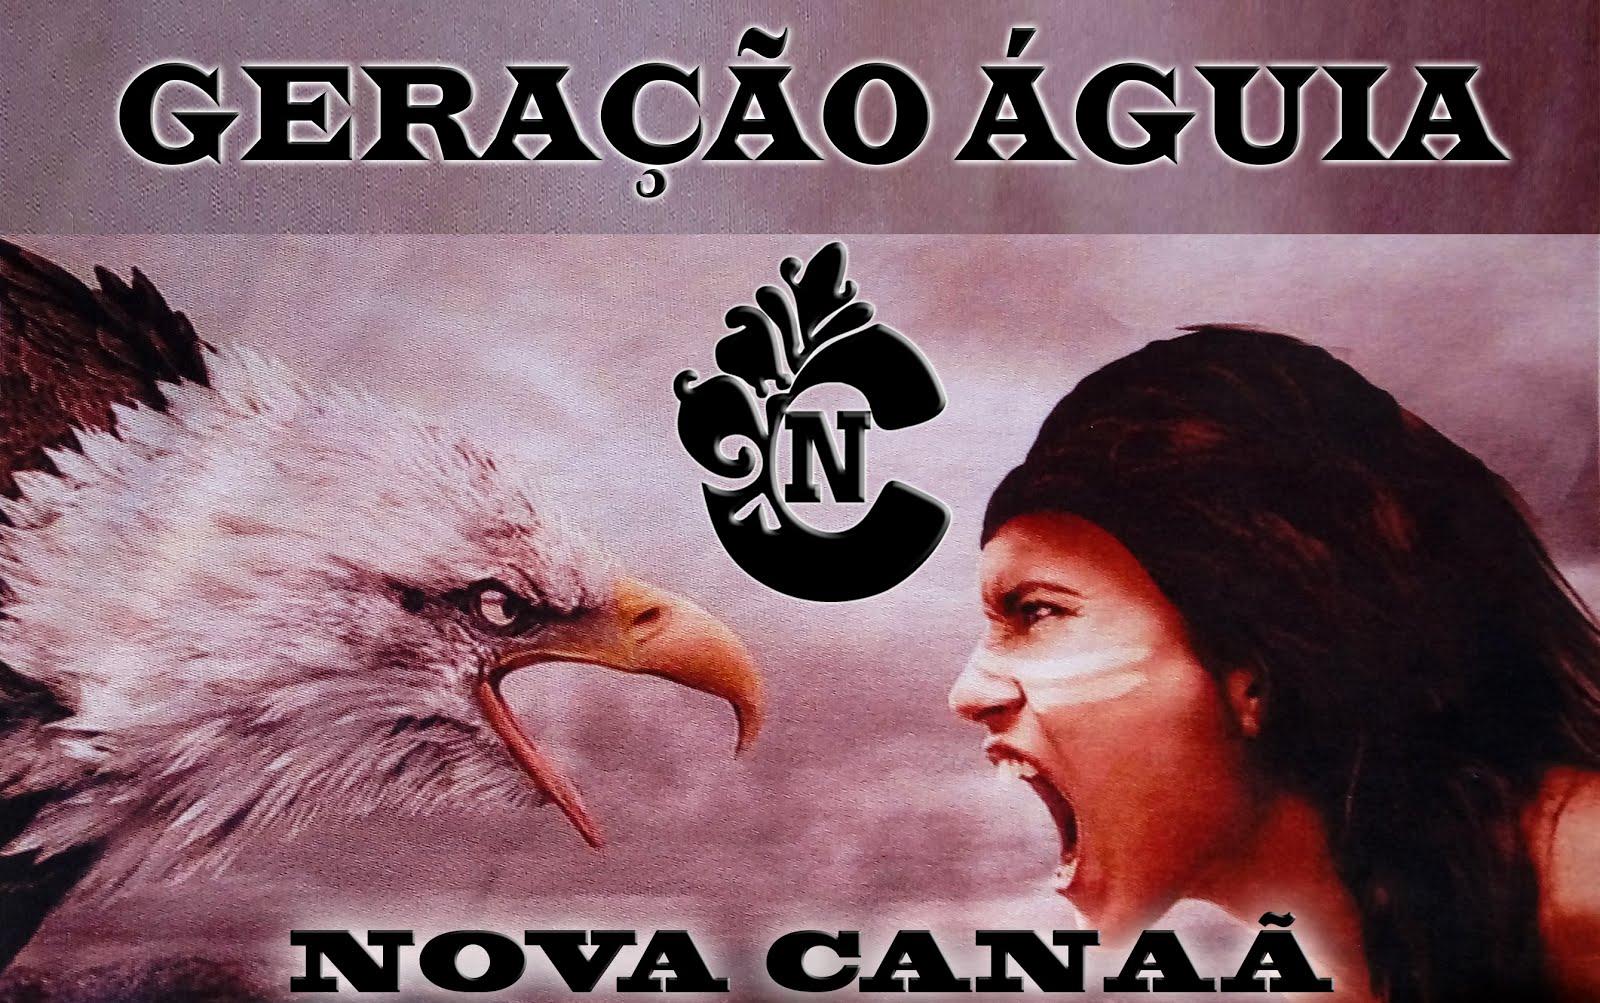 CULTO GERAÇÃO ÁGUIA